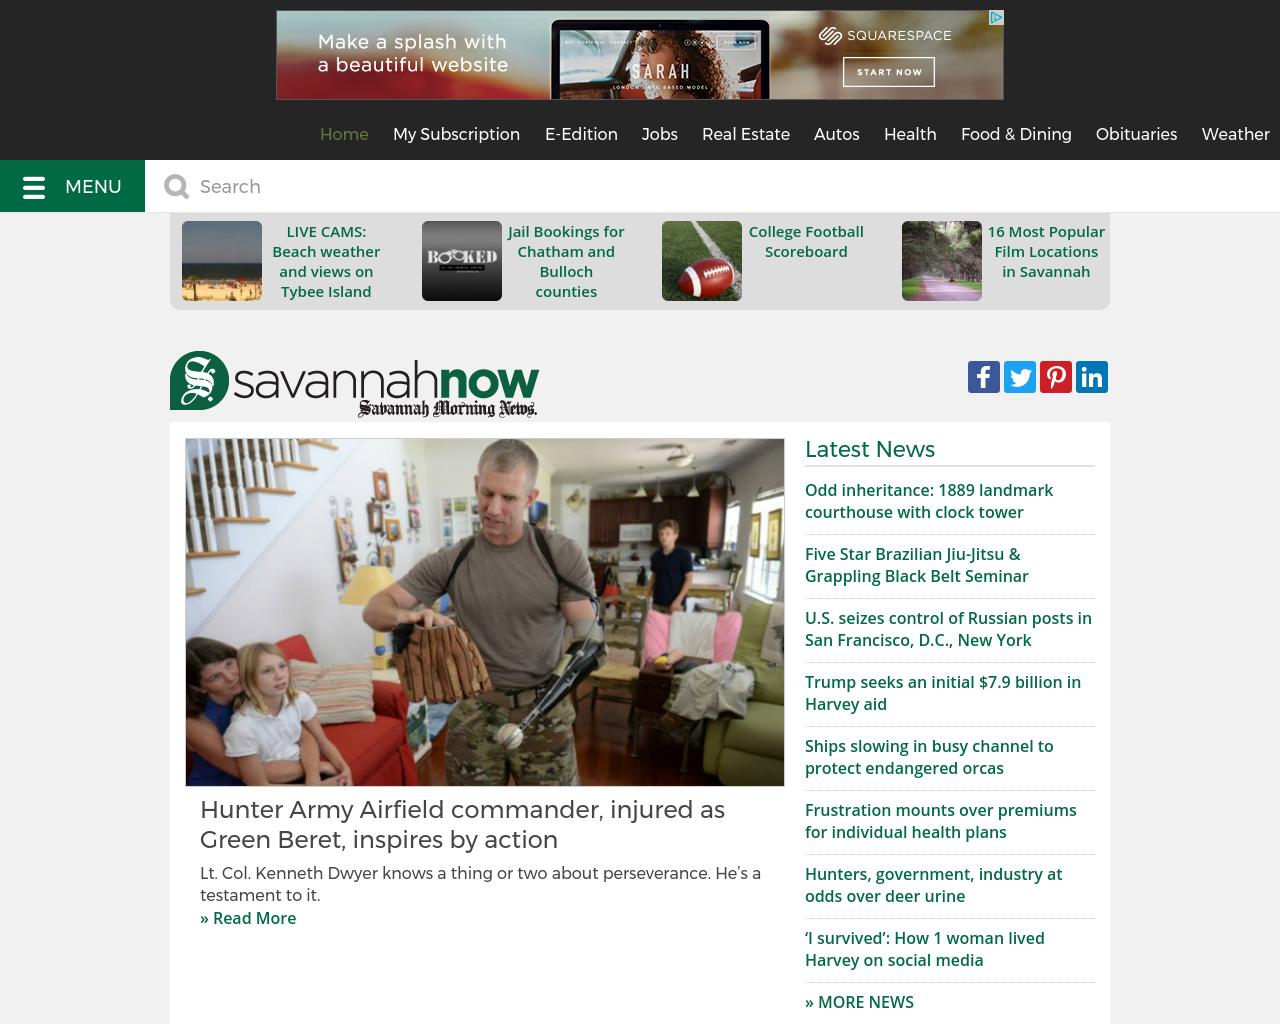 Savannahnow-Advertising-Reviews-Pricing